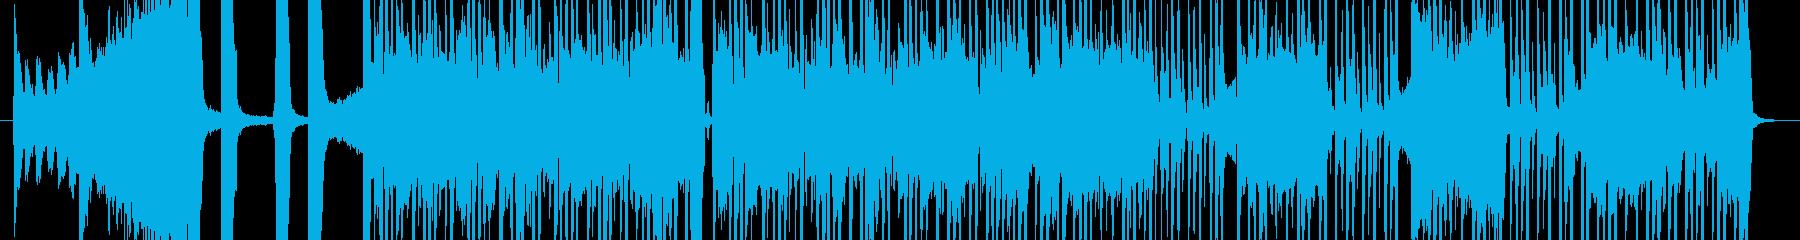 盛り上がるジャズファンクの再生済みの波形